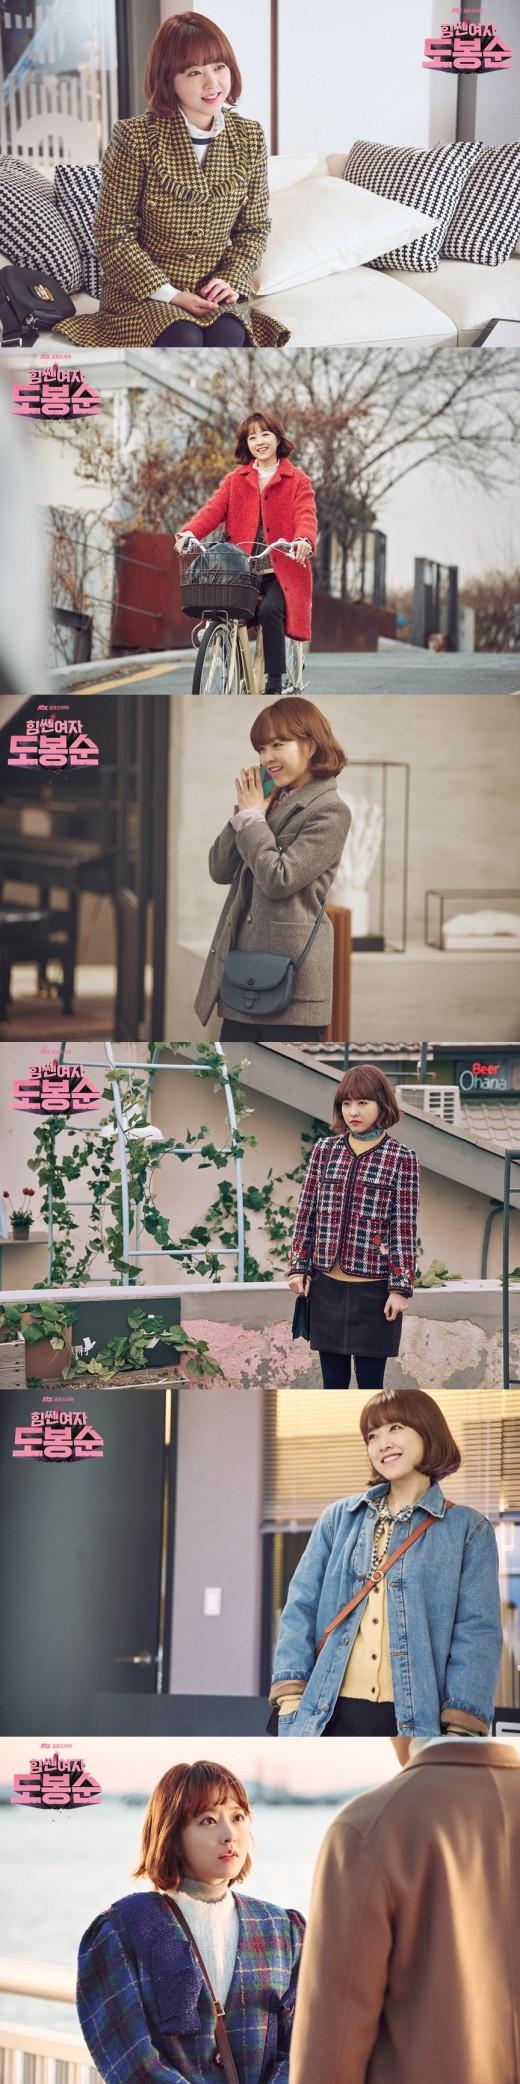 '힘쎈여자 도봉순' 박보영, 명품 협찬 거절하고 시장 옷 고집한 이유